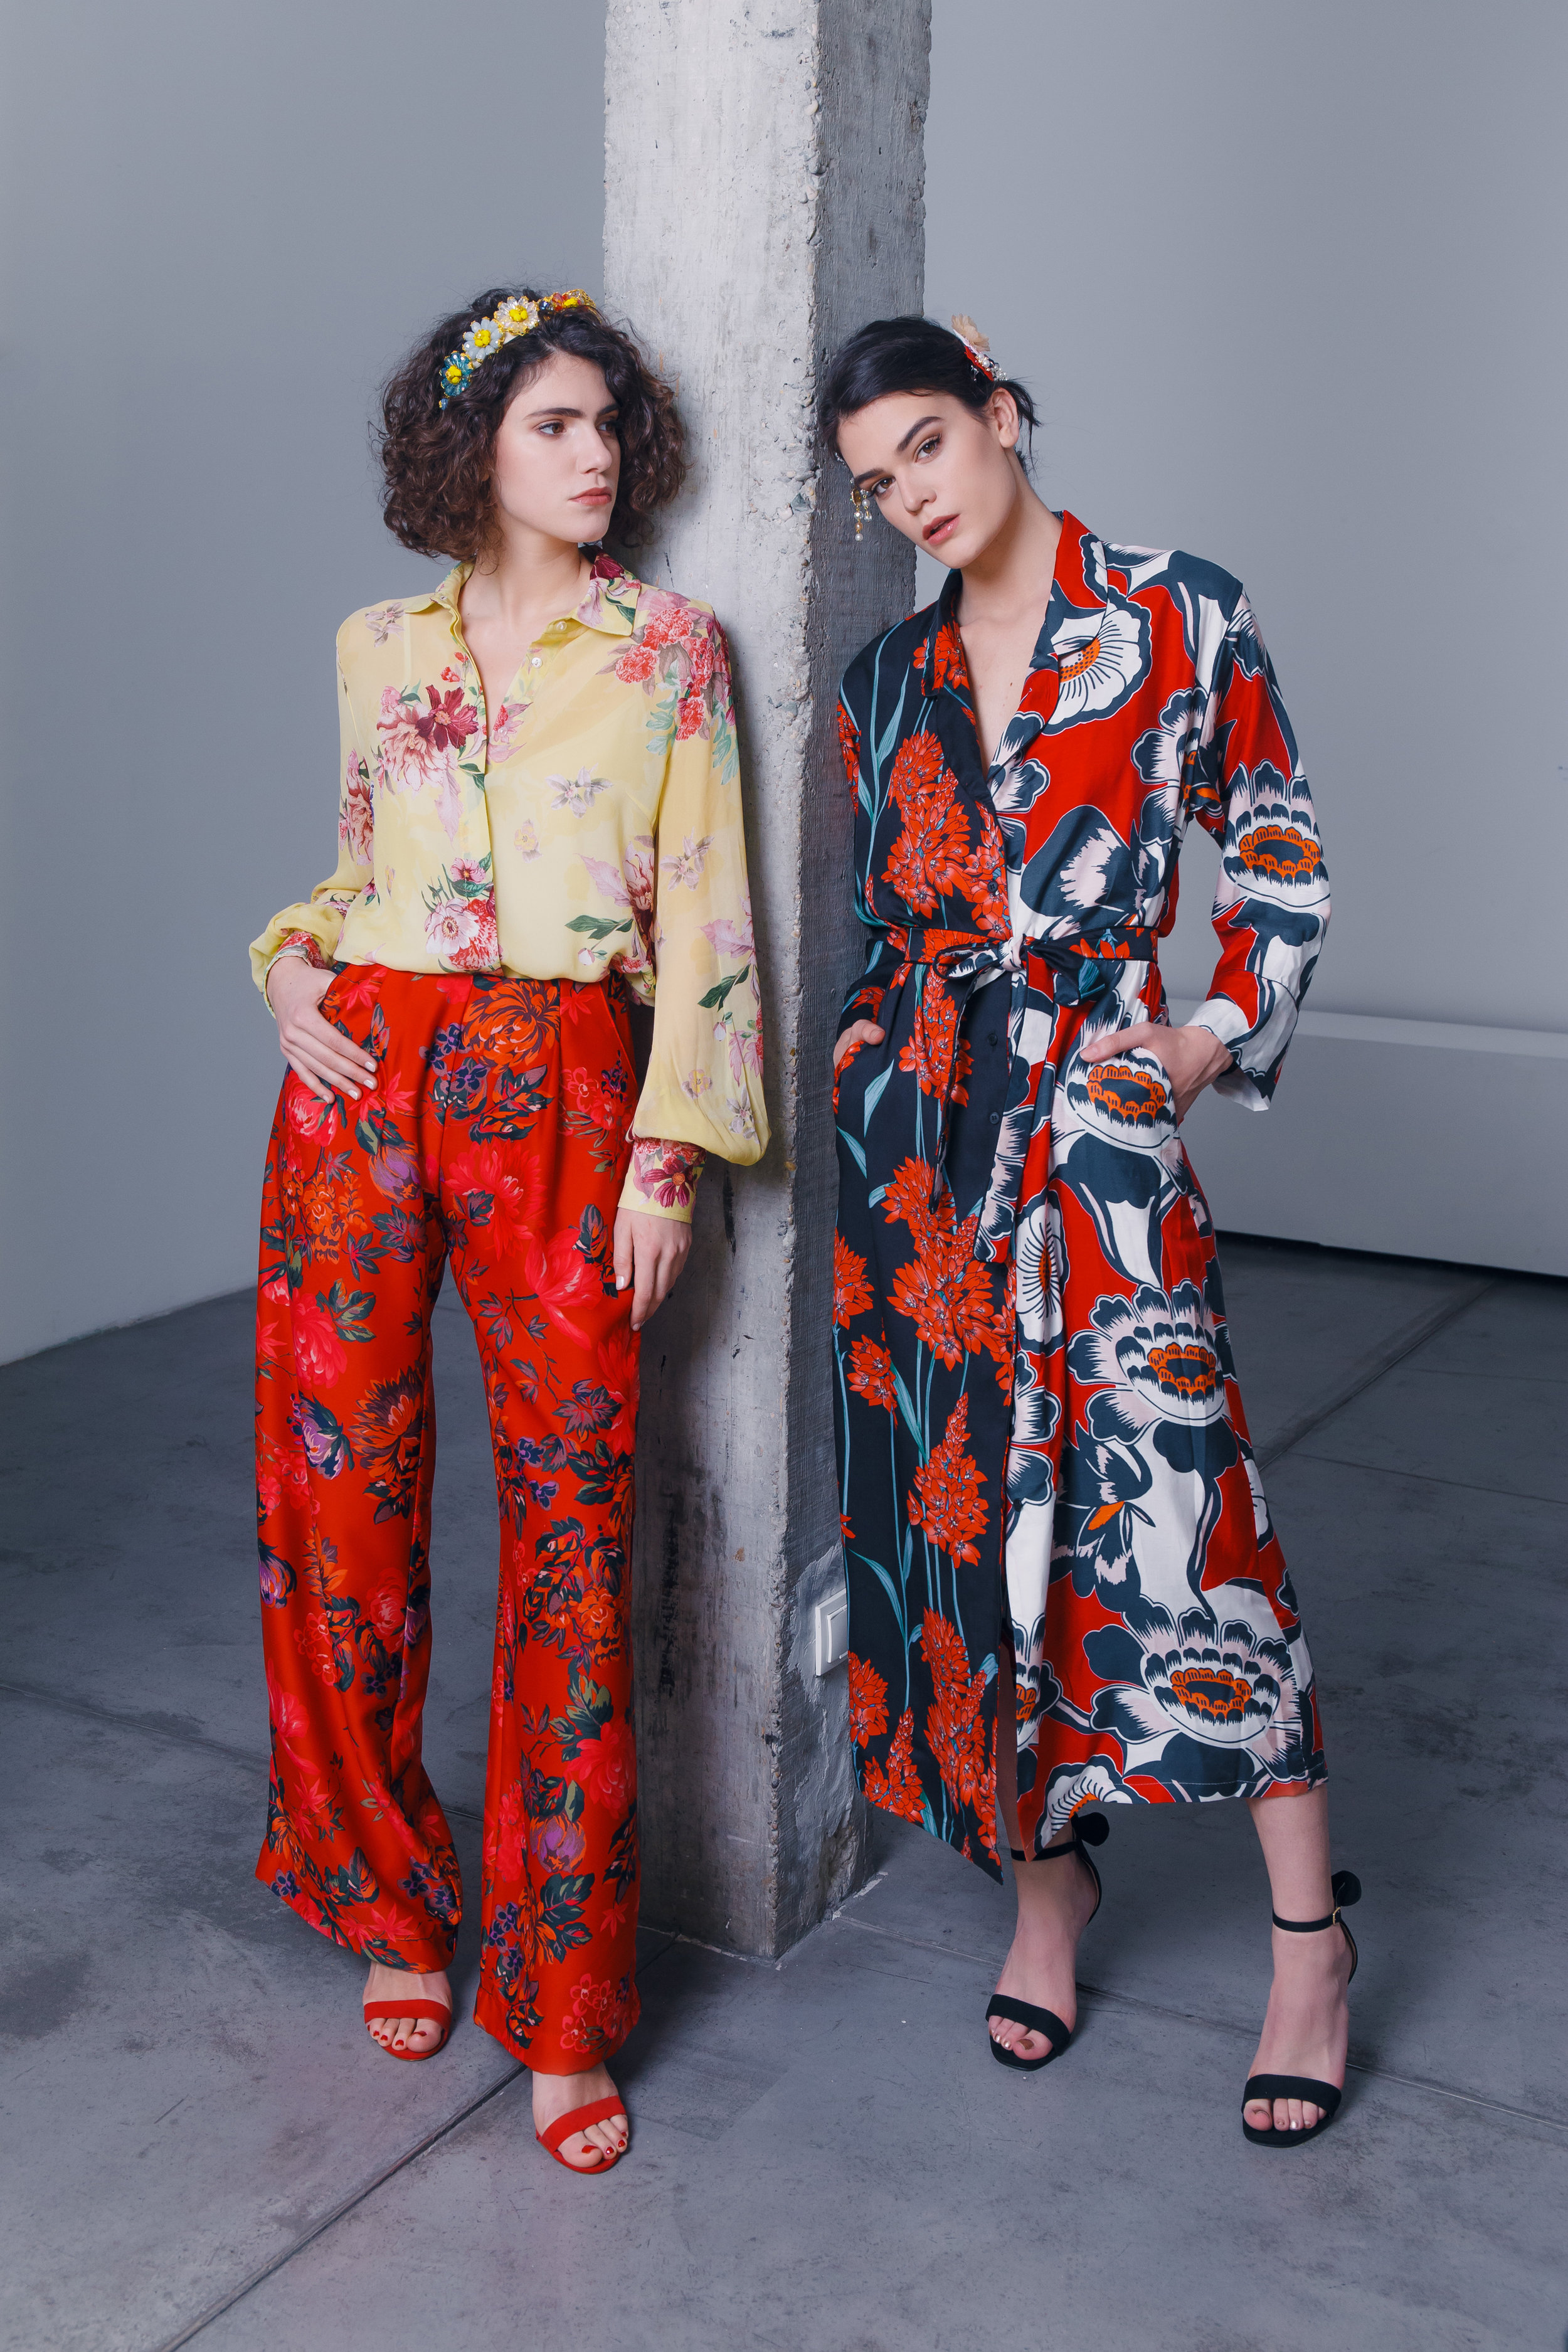 robert-severbipa-fashion-2.jpg